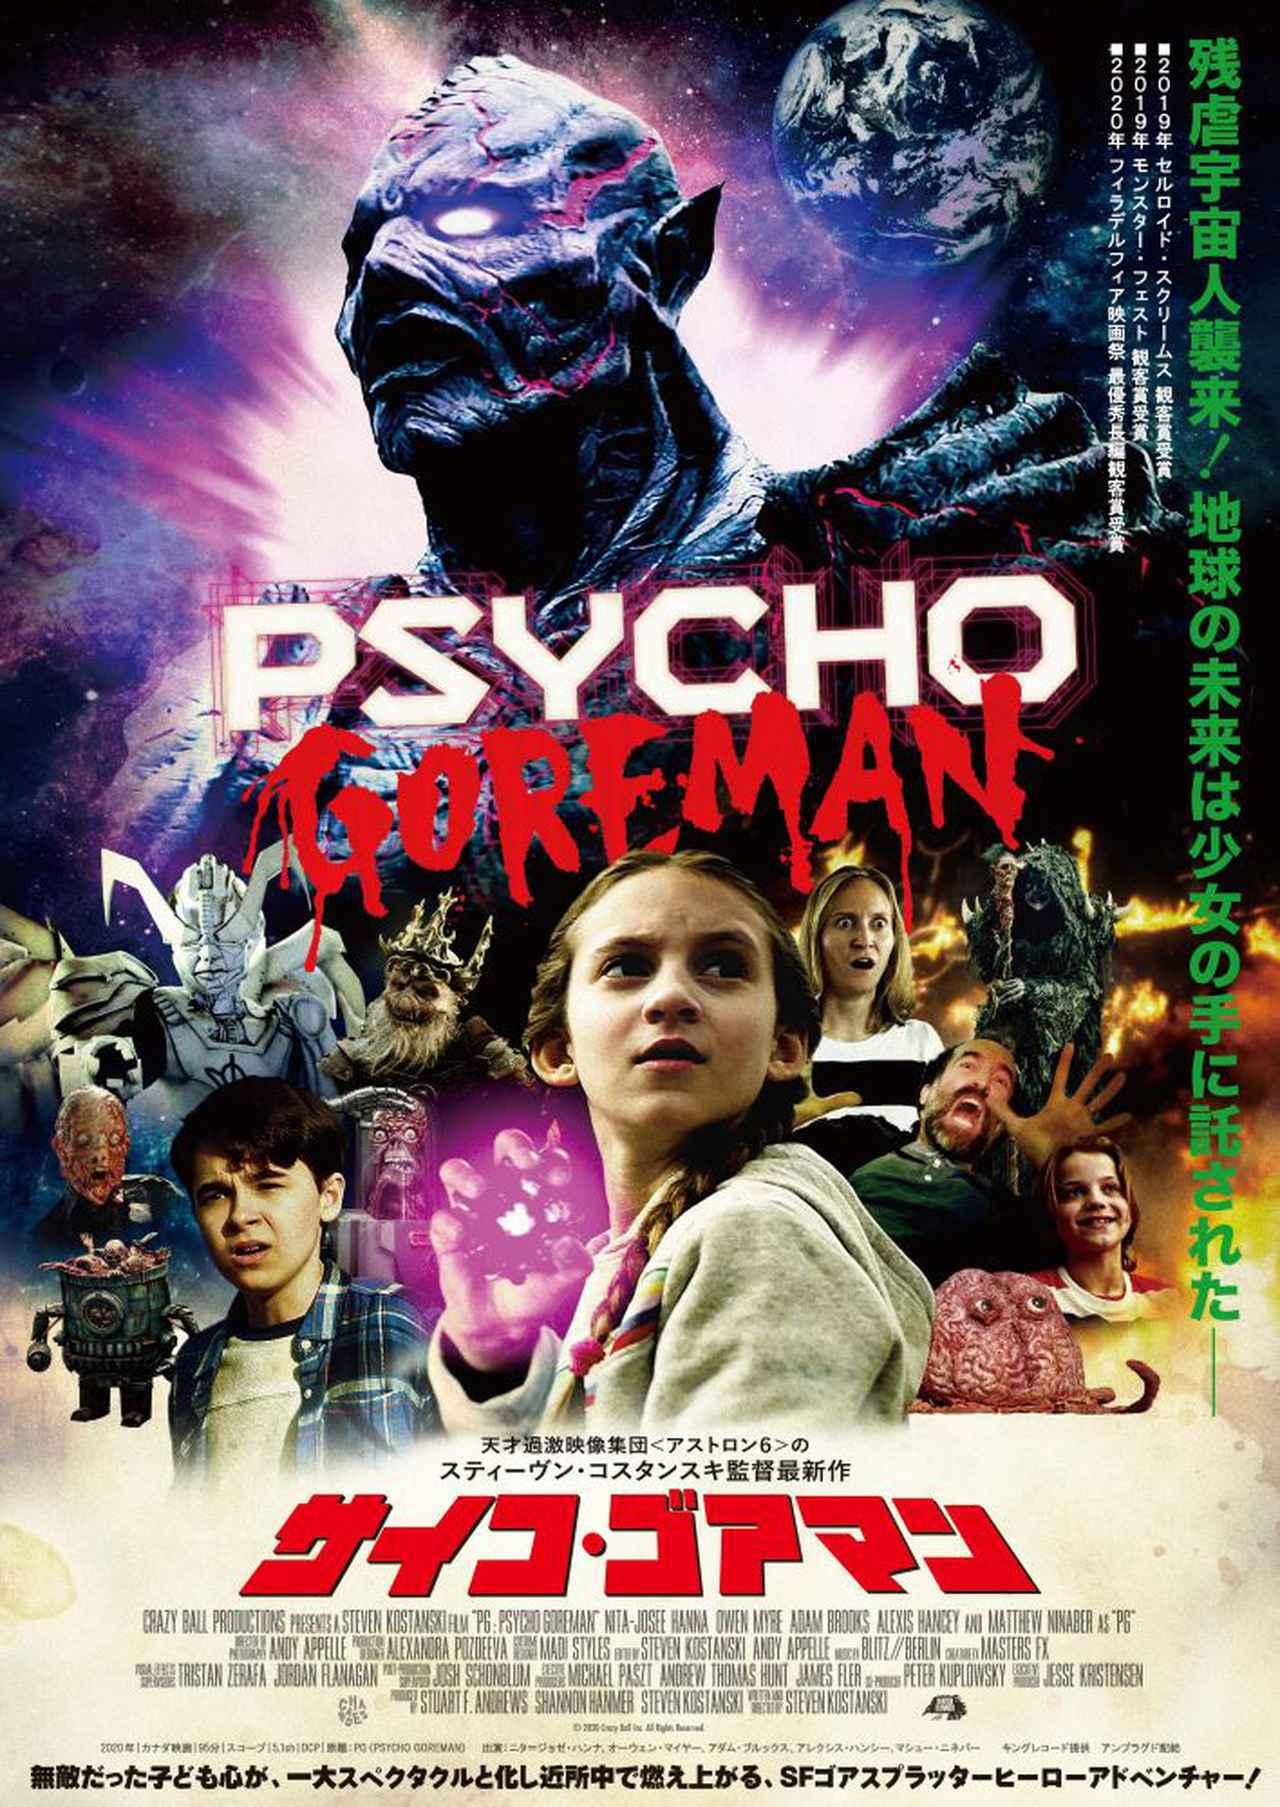 画像2: カナダから最高に楽しいSF映画『サイコ・ゴアマン』が到着! 日本の特撮ドラマへのリスペクトが詰まった愛すべきカルト作